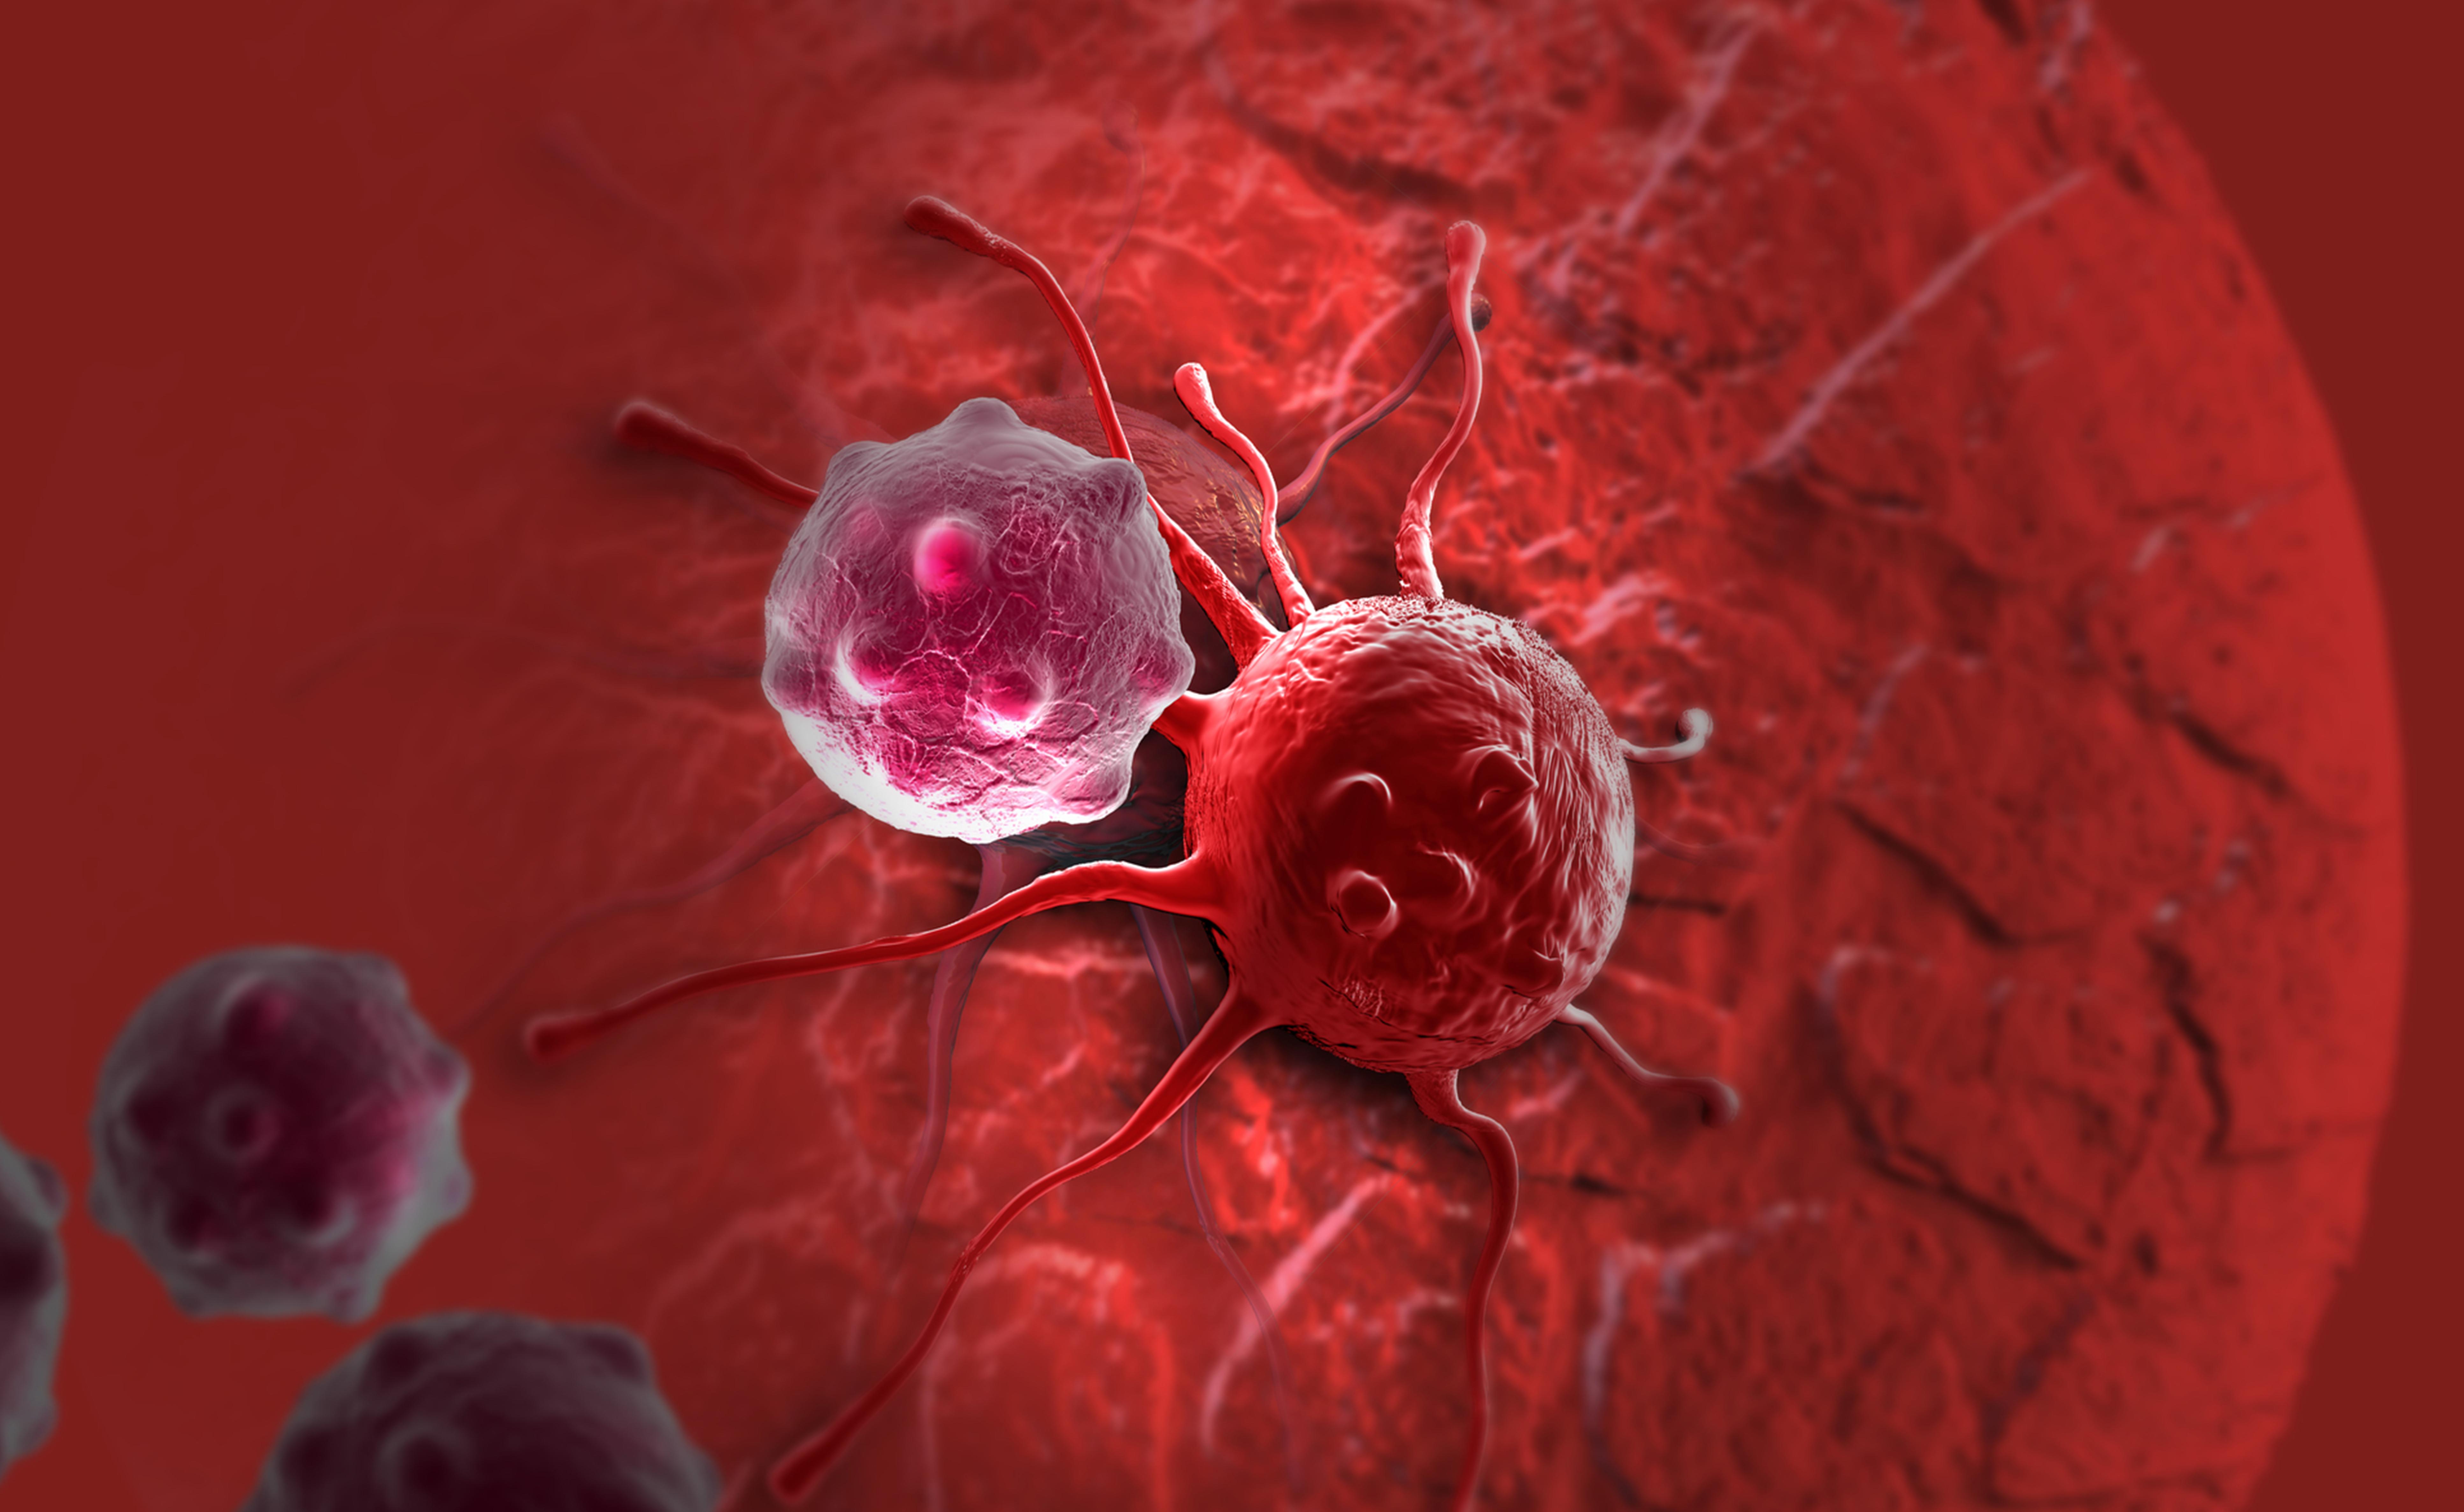 Esenzione 048 per chi ha un tumore: cosa prevede?